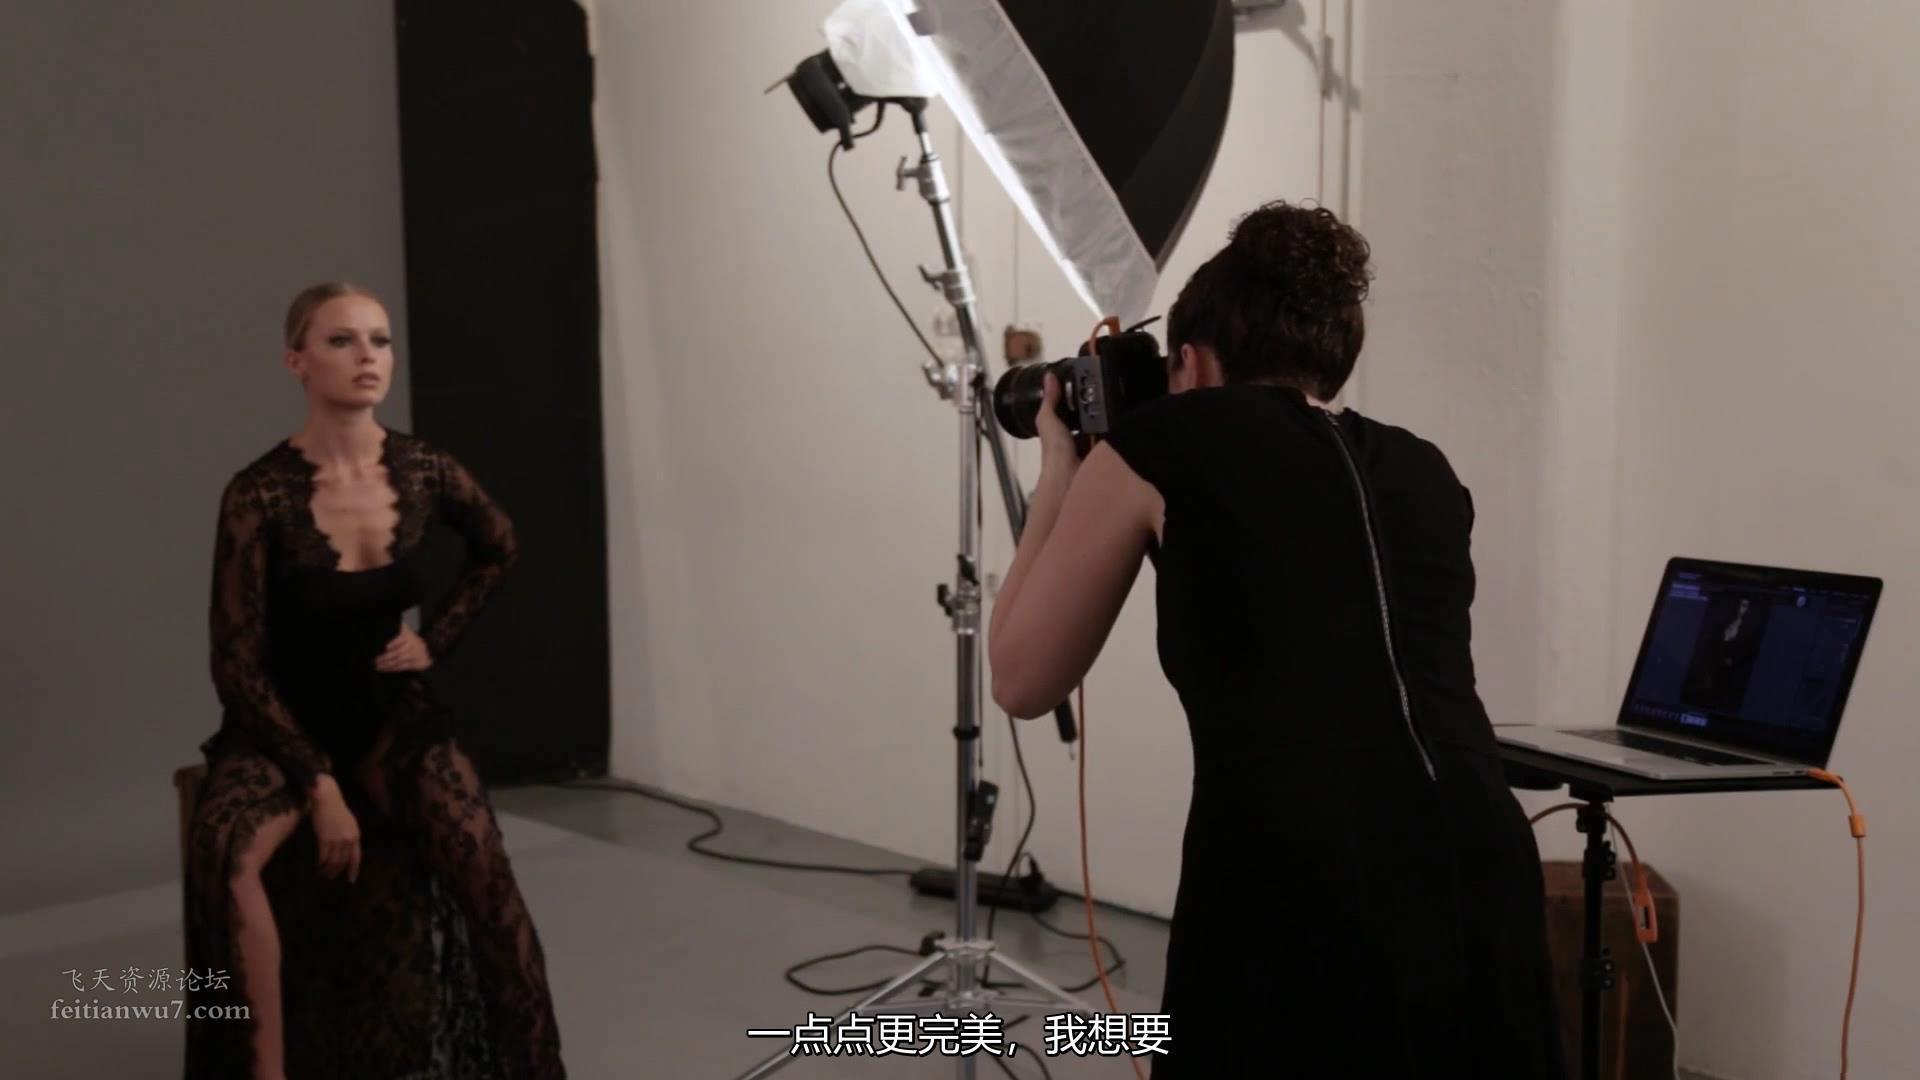 摄影教程_Lindsay Adler为期10周的工作室棚拍布光大师班教程-中文字幕 摄影教程 _预览图28